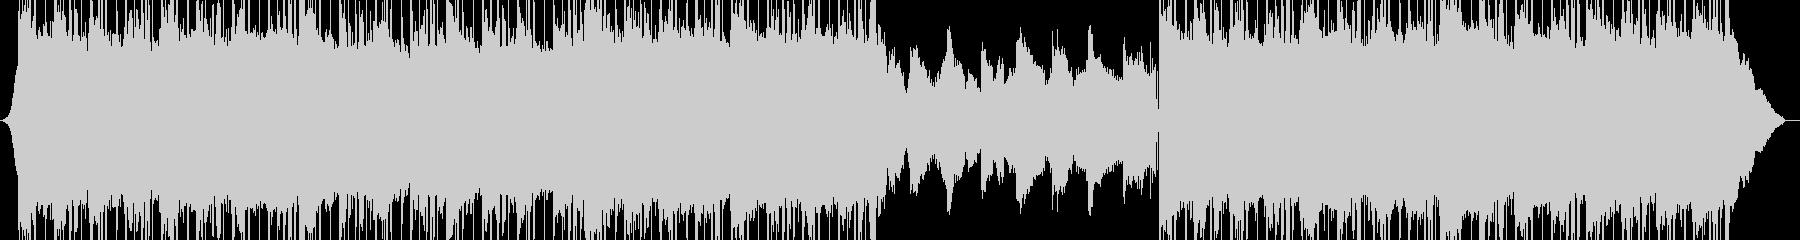 クラブのリラクゼーションエレクトロ背景の未再生の波形